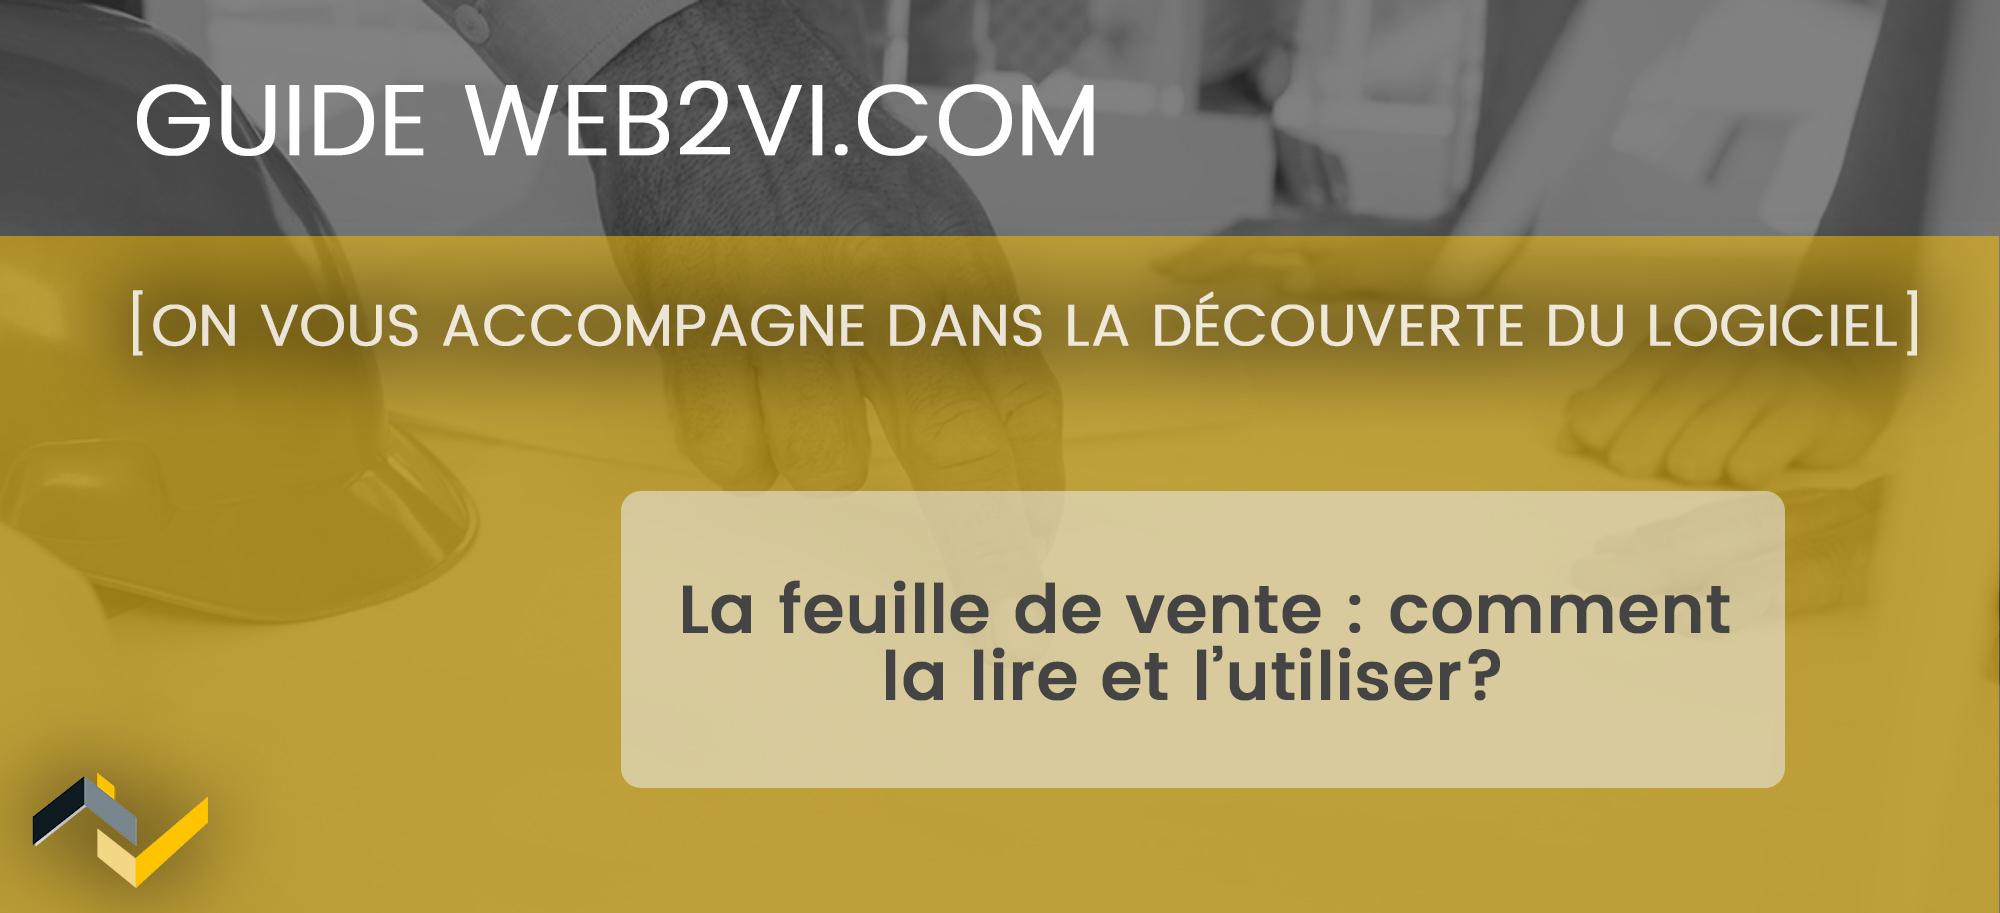 Comprendre le fonctionnement de la feuille de vente sur Web2vi.com